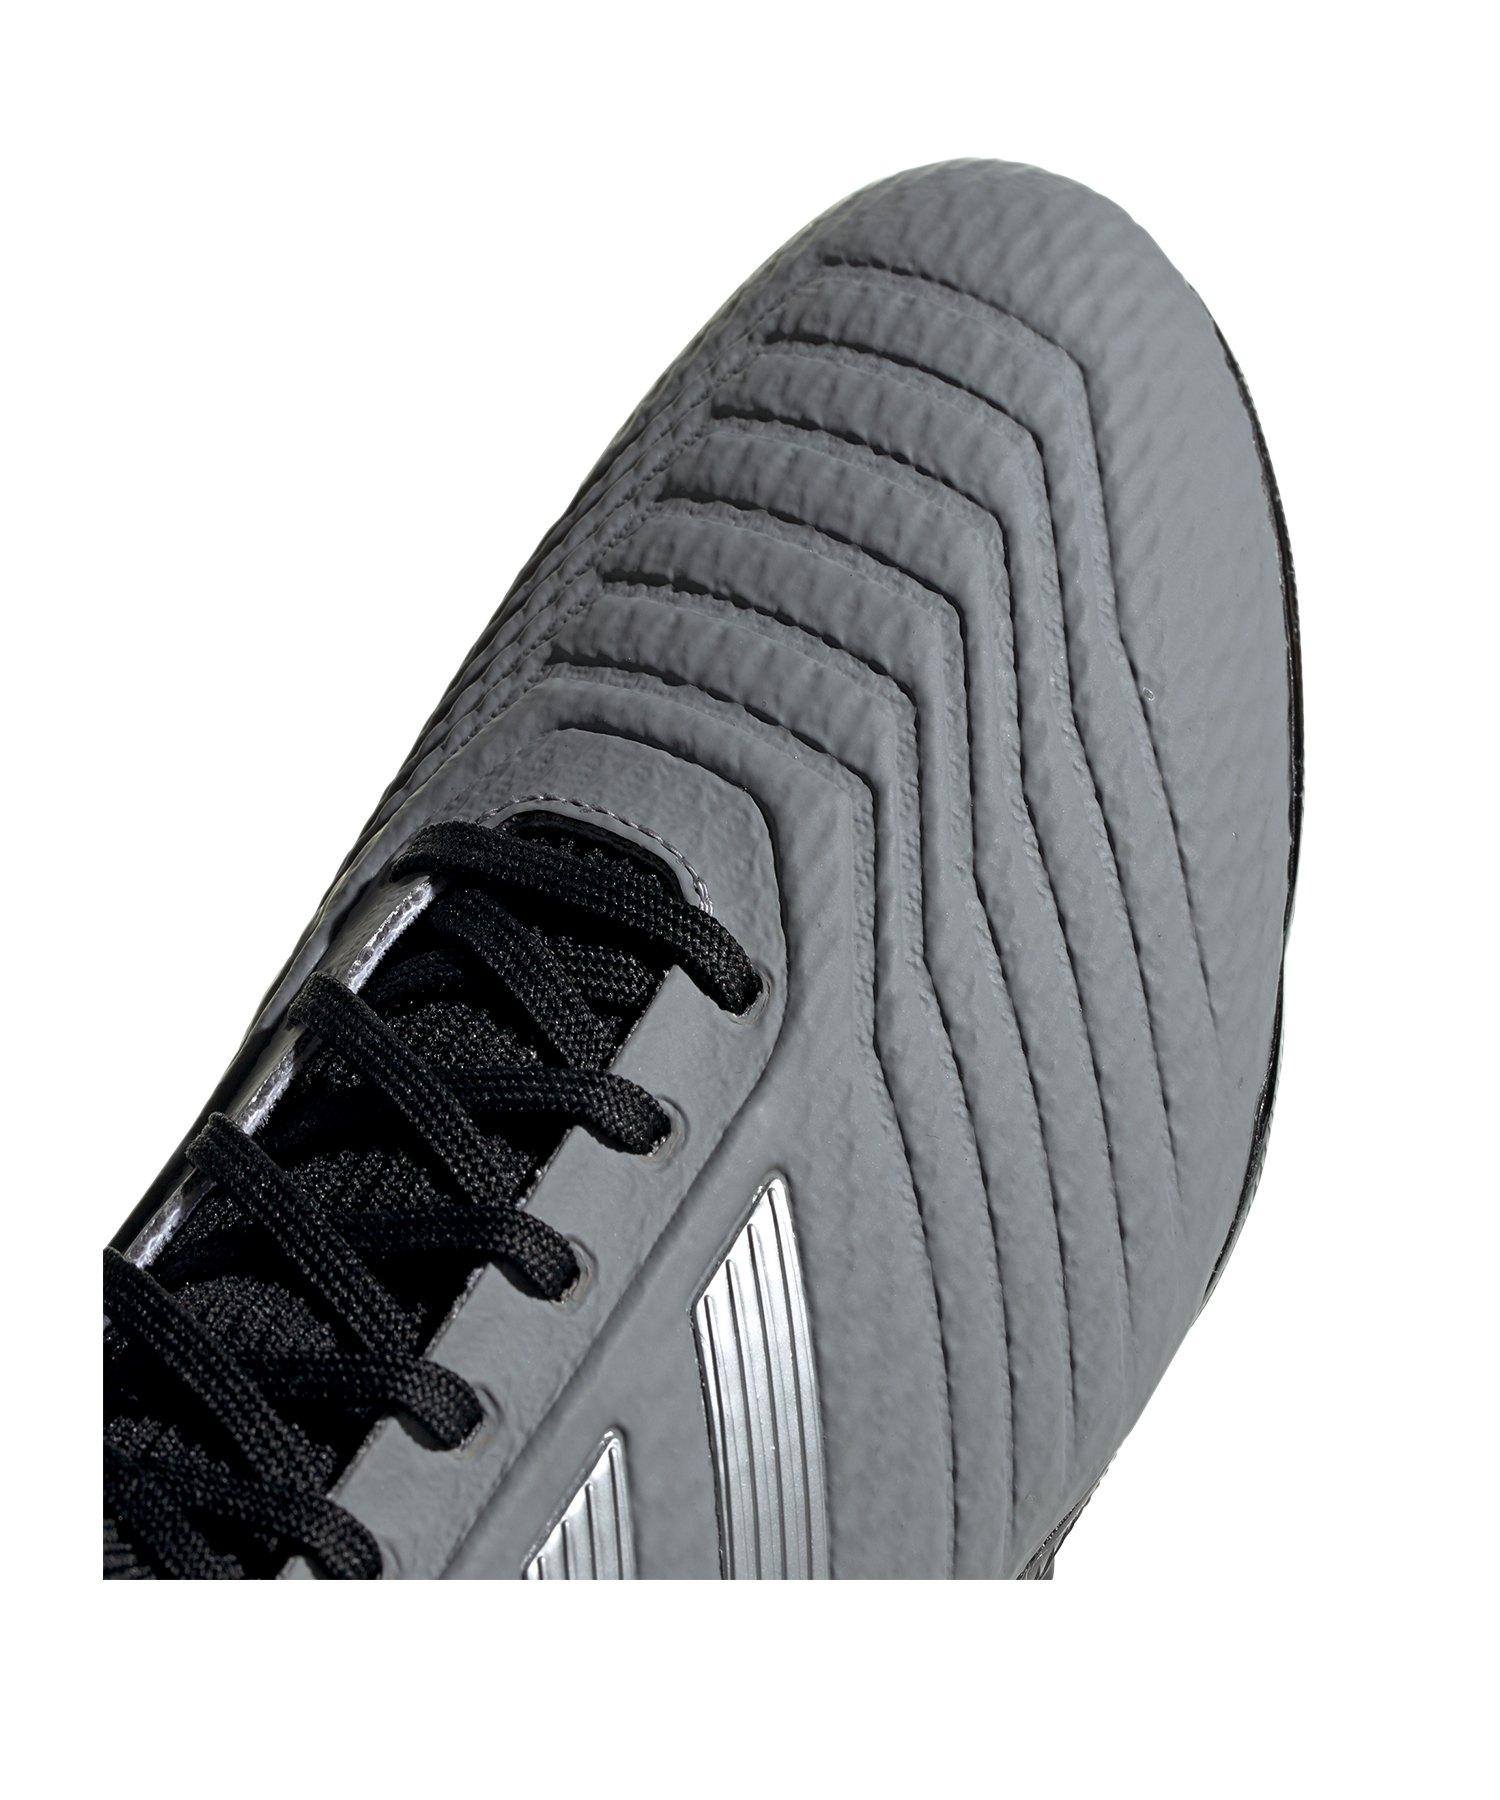 new product ee29d a719d ... adidas Predator 19.3 FG Damen Schwarz Pink - schwarz ...